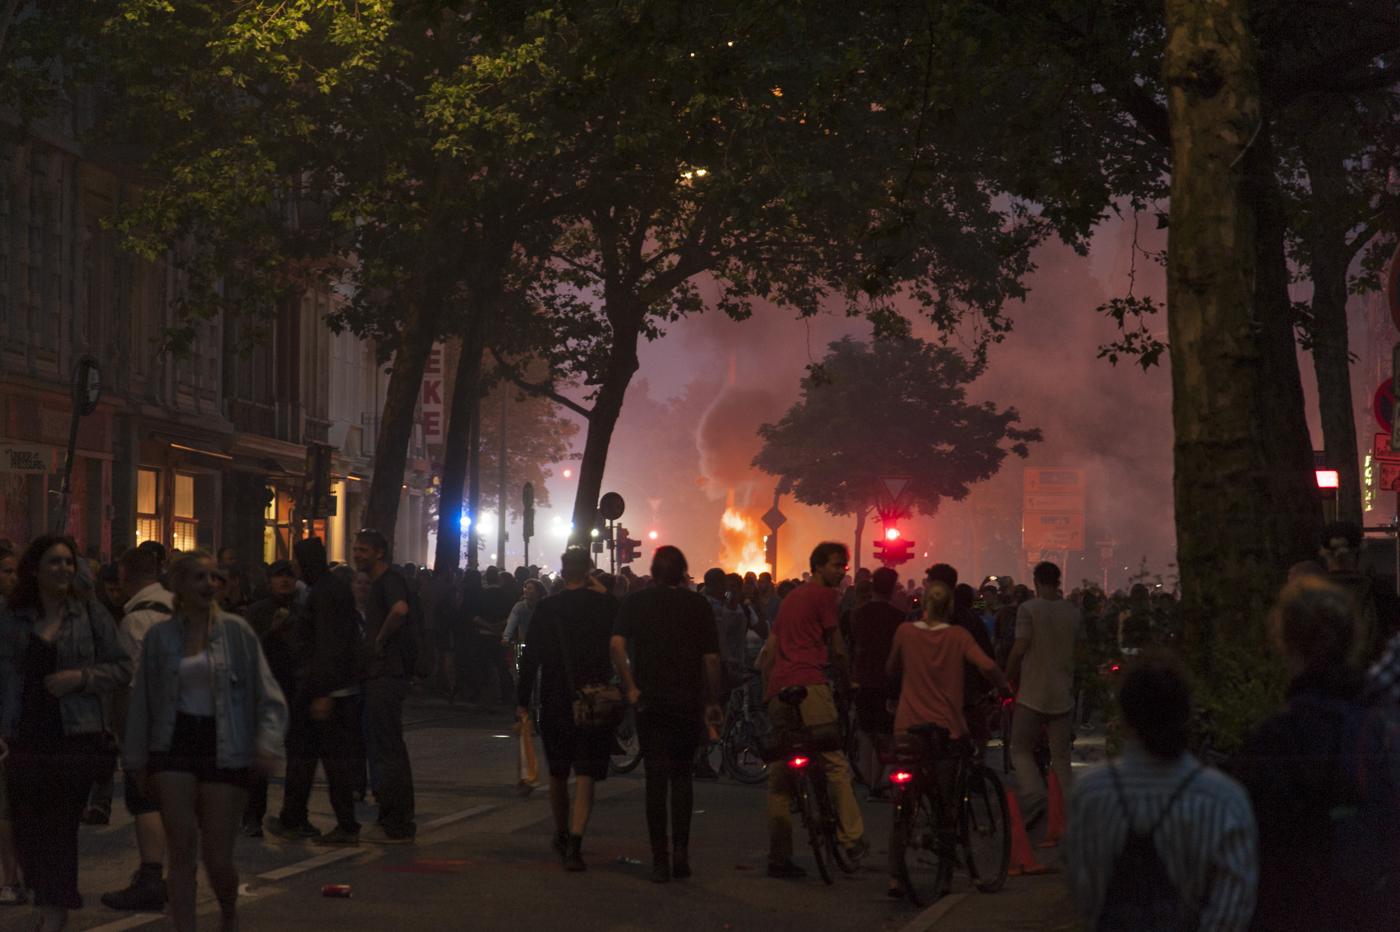 G20-Tage in Hamburg, 7.7.17. Es brennt am Schulterblatt